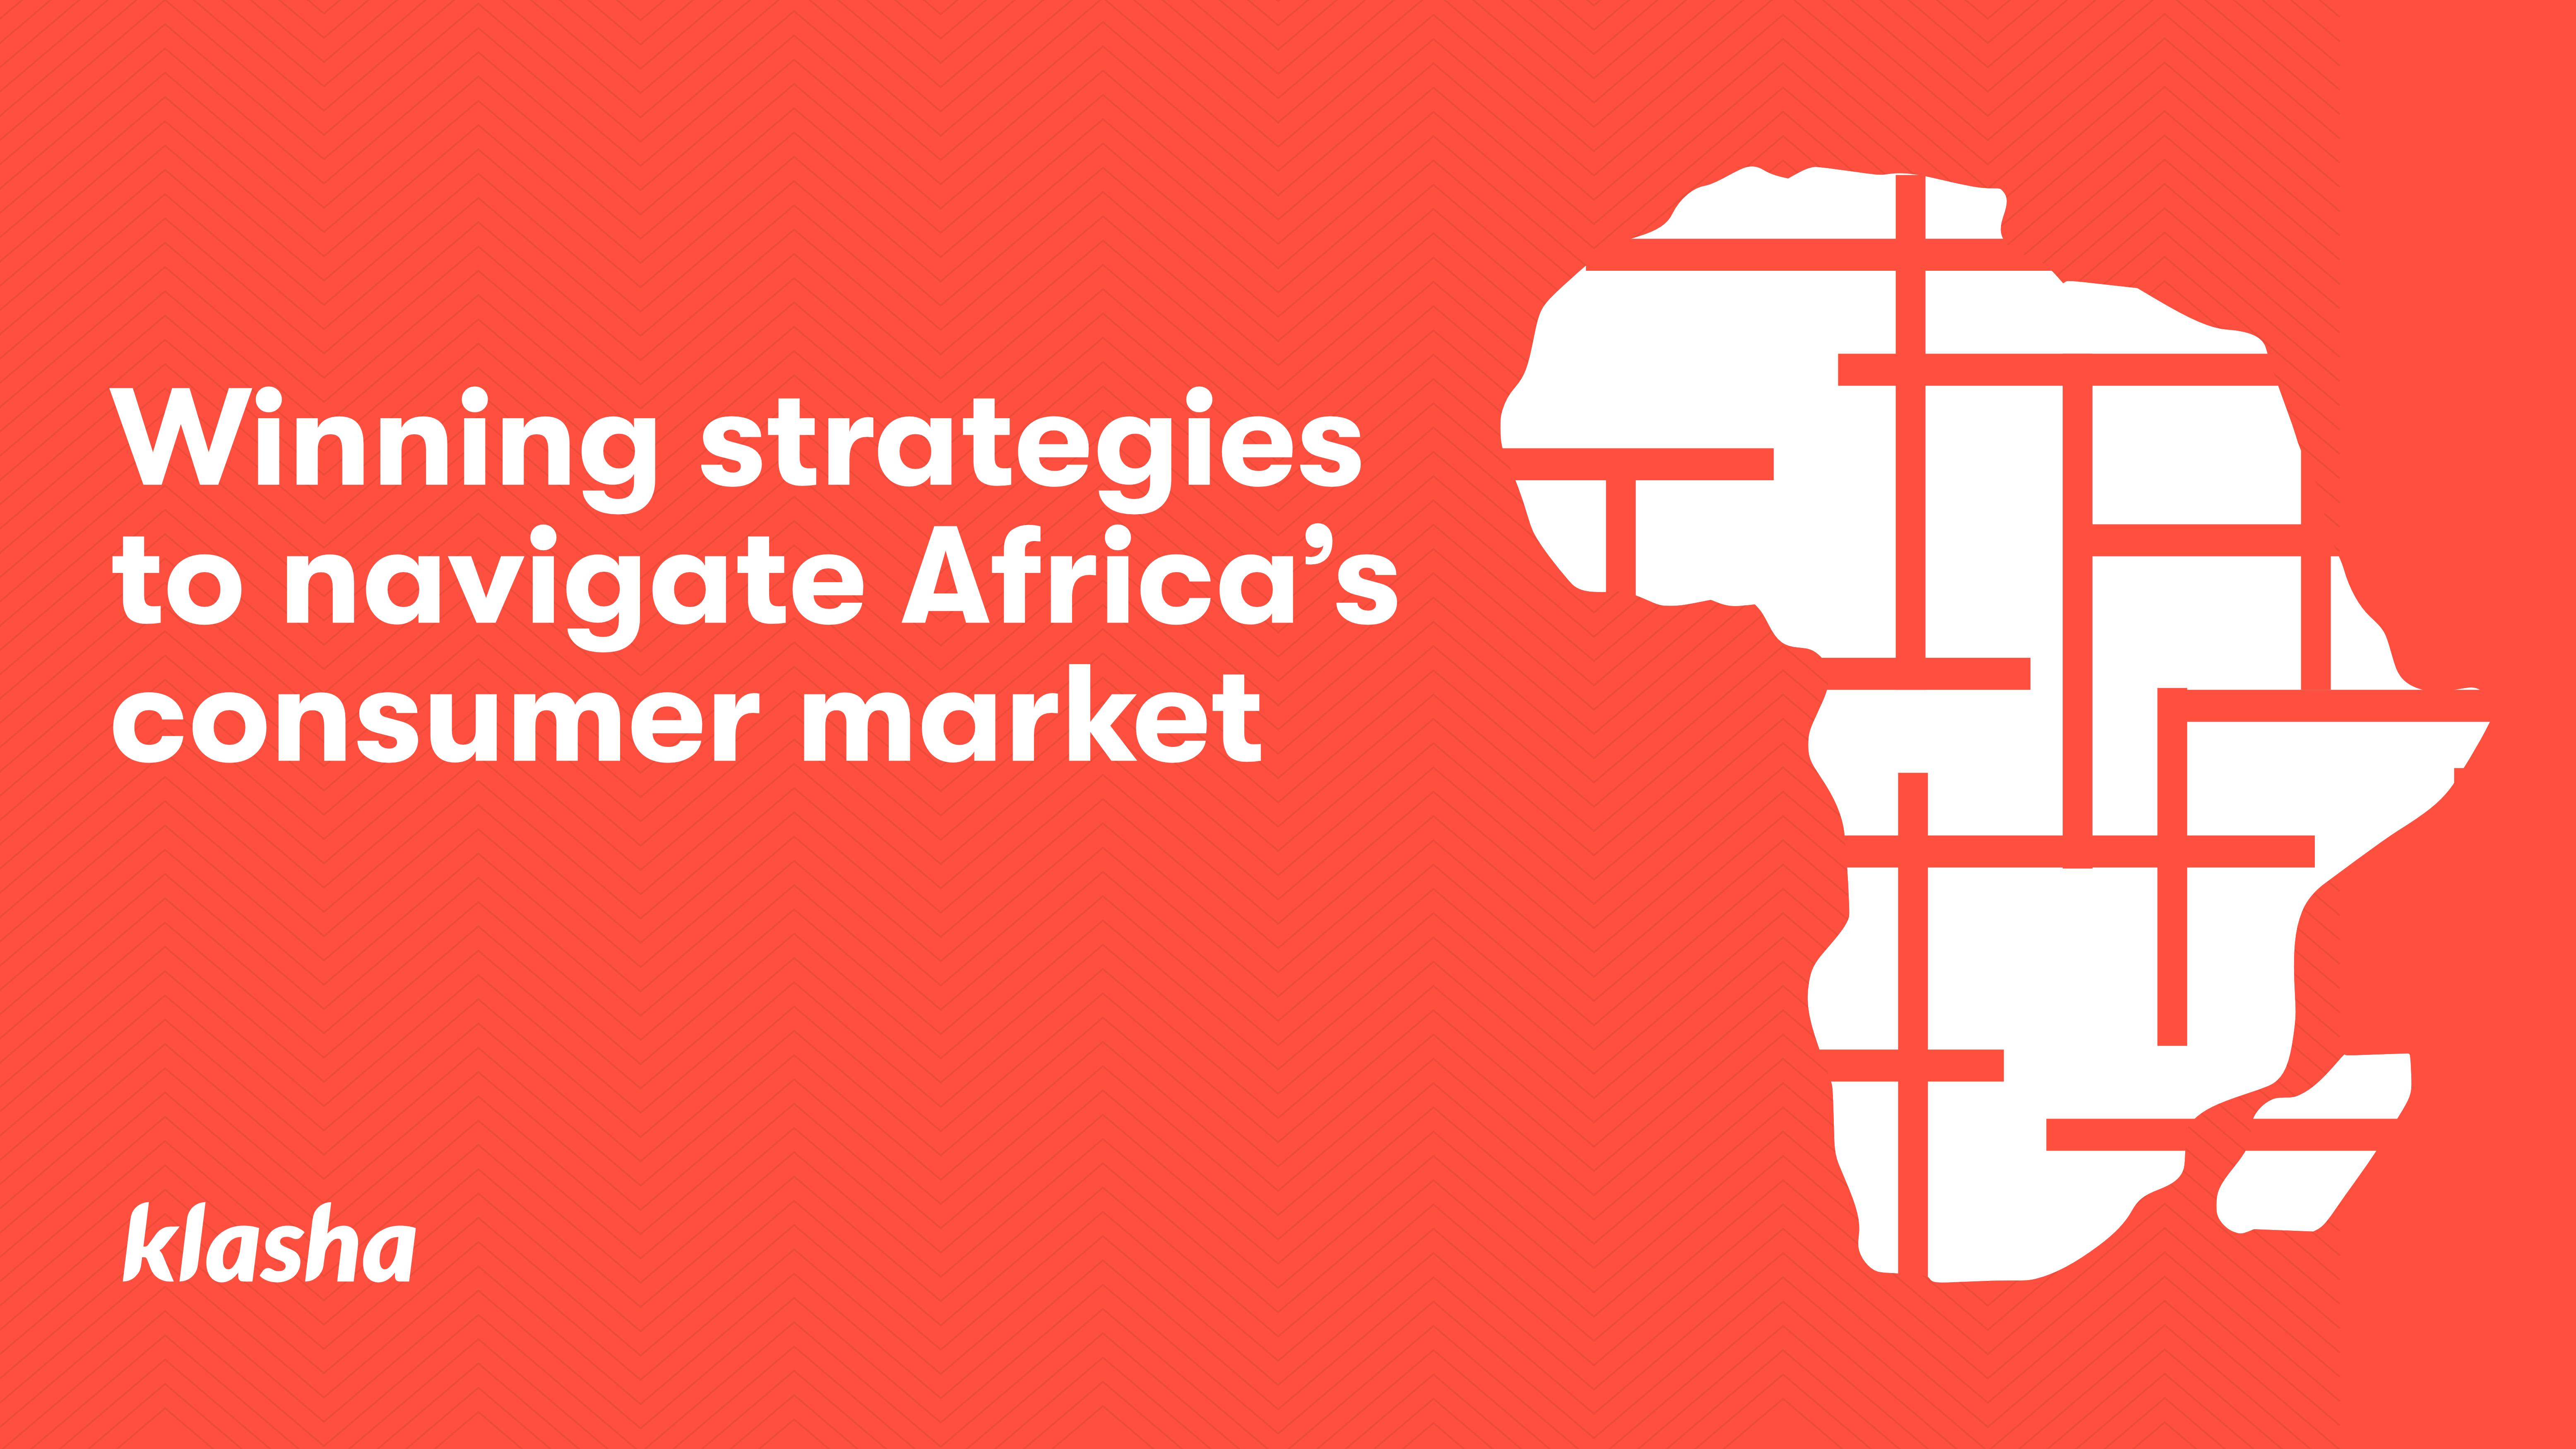 Winning strategies to navigate Africa's consumer market